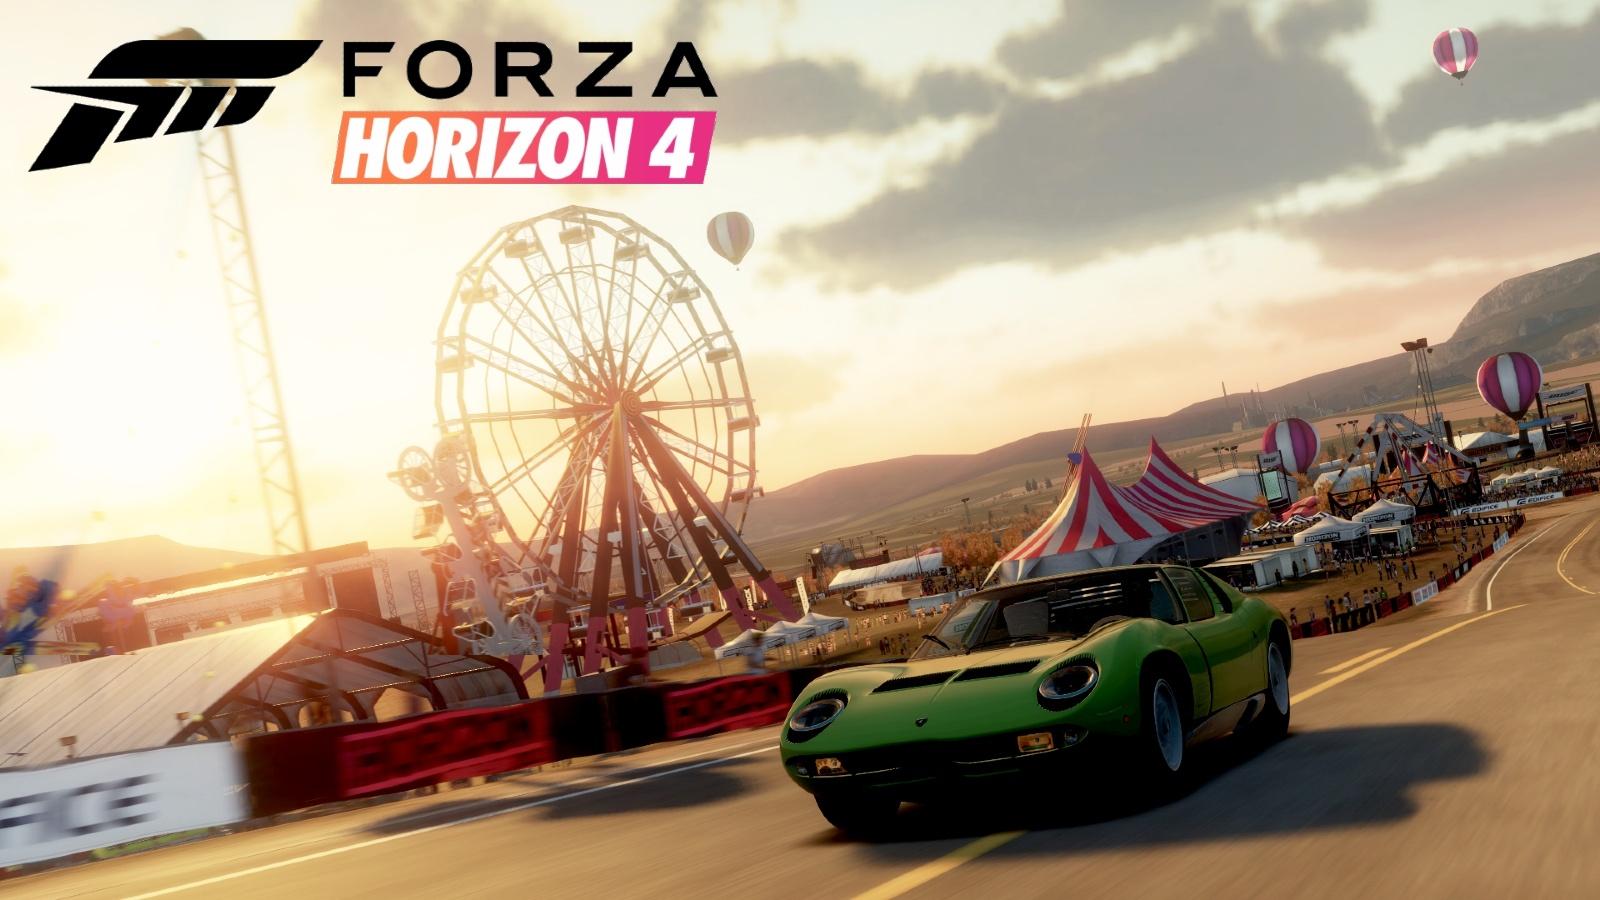 Forza Horizon Festival fence